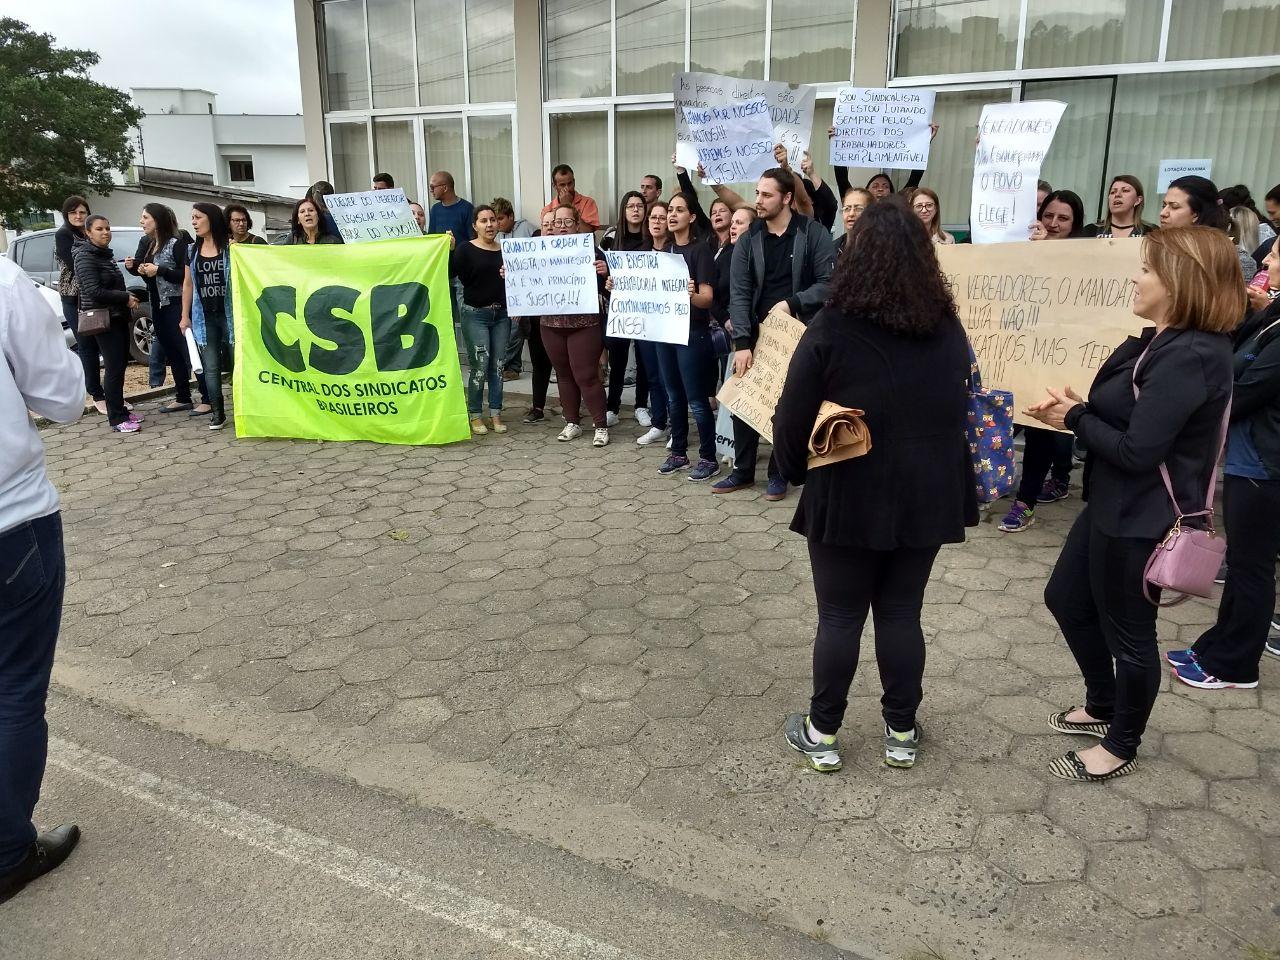 Em Lauro Muller (SC), servidores fazem paralisação contra mudança de regime de contratação